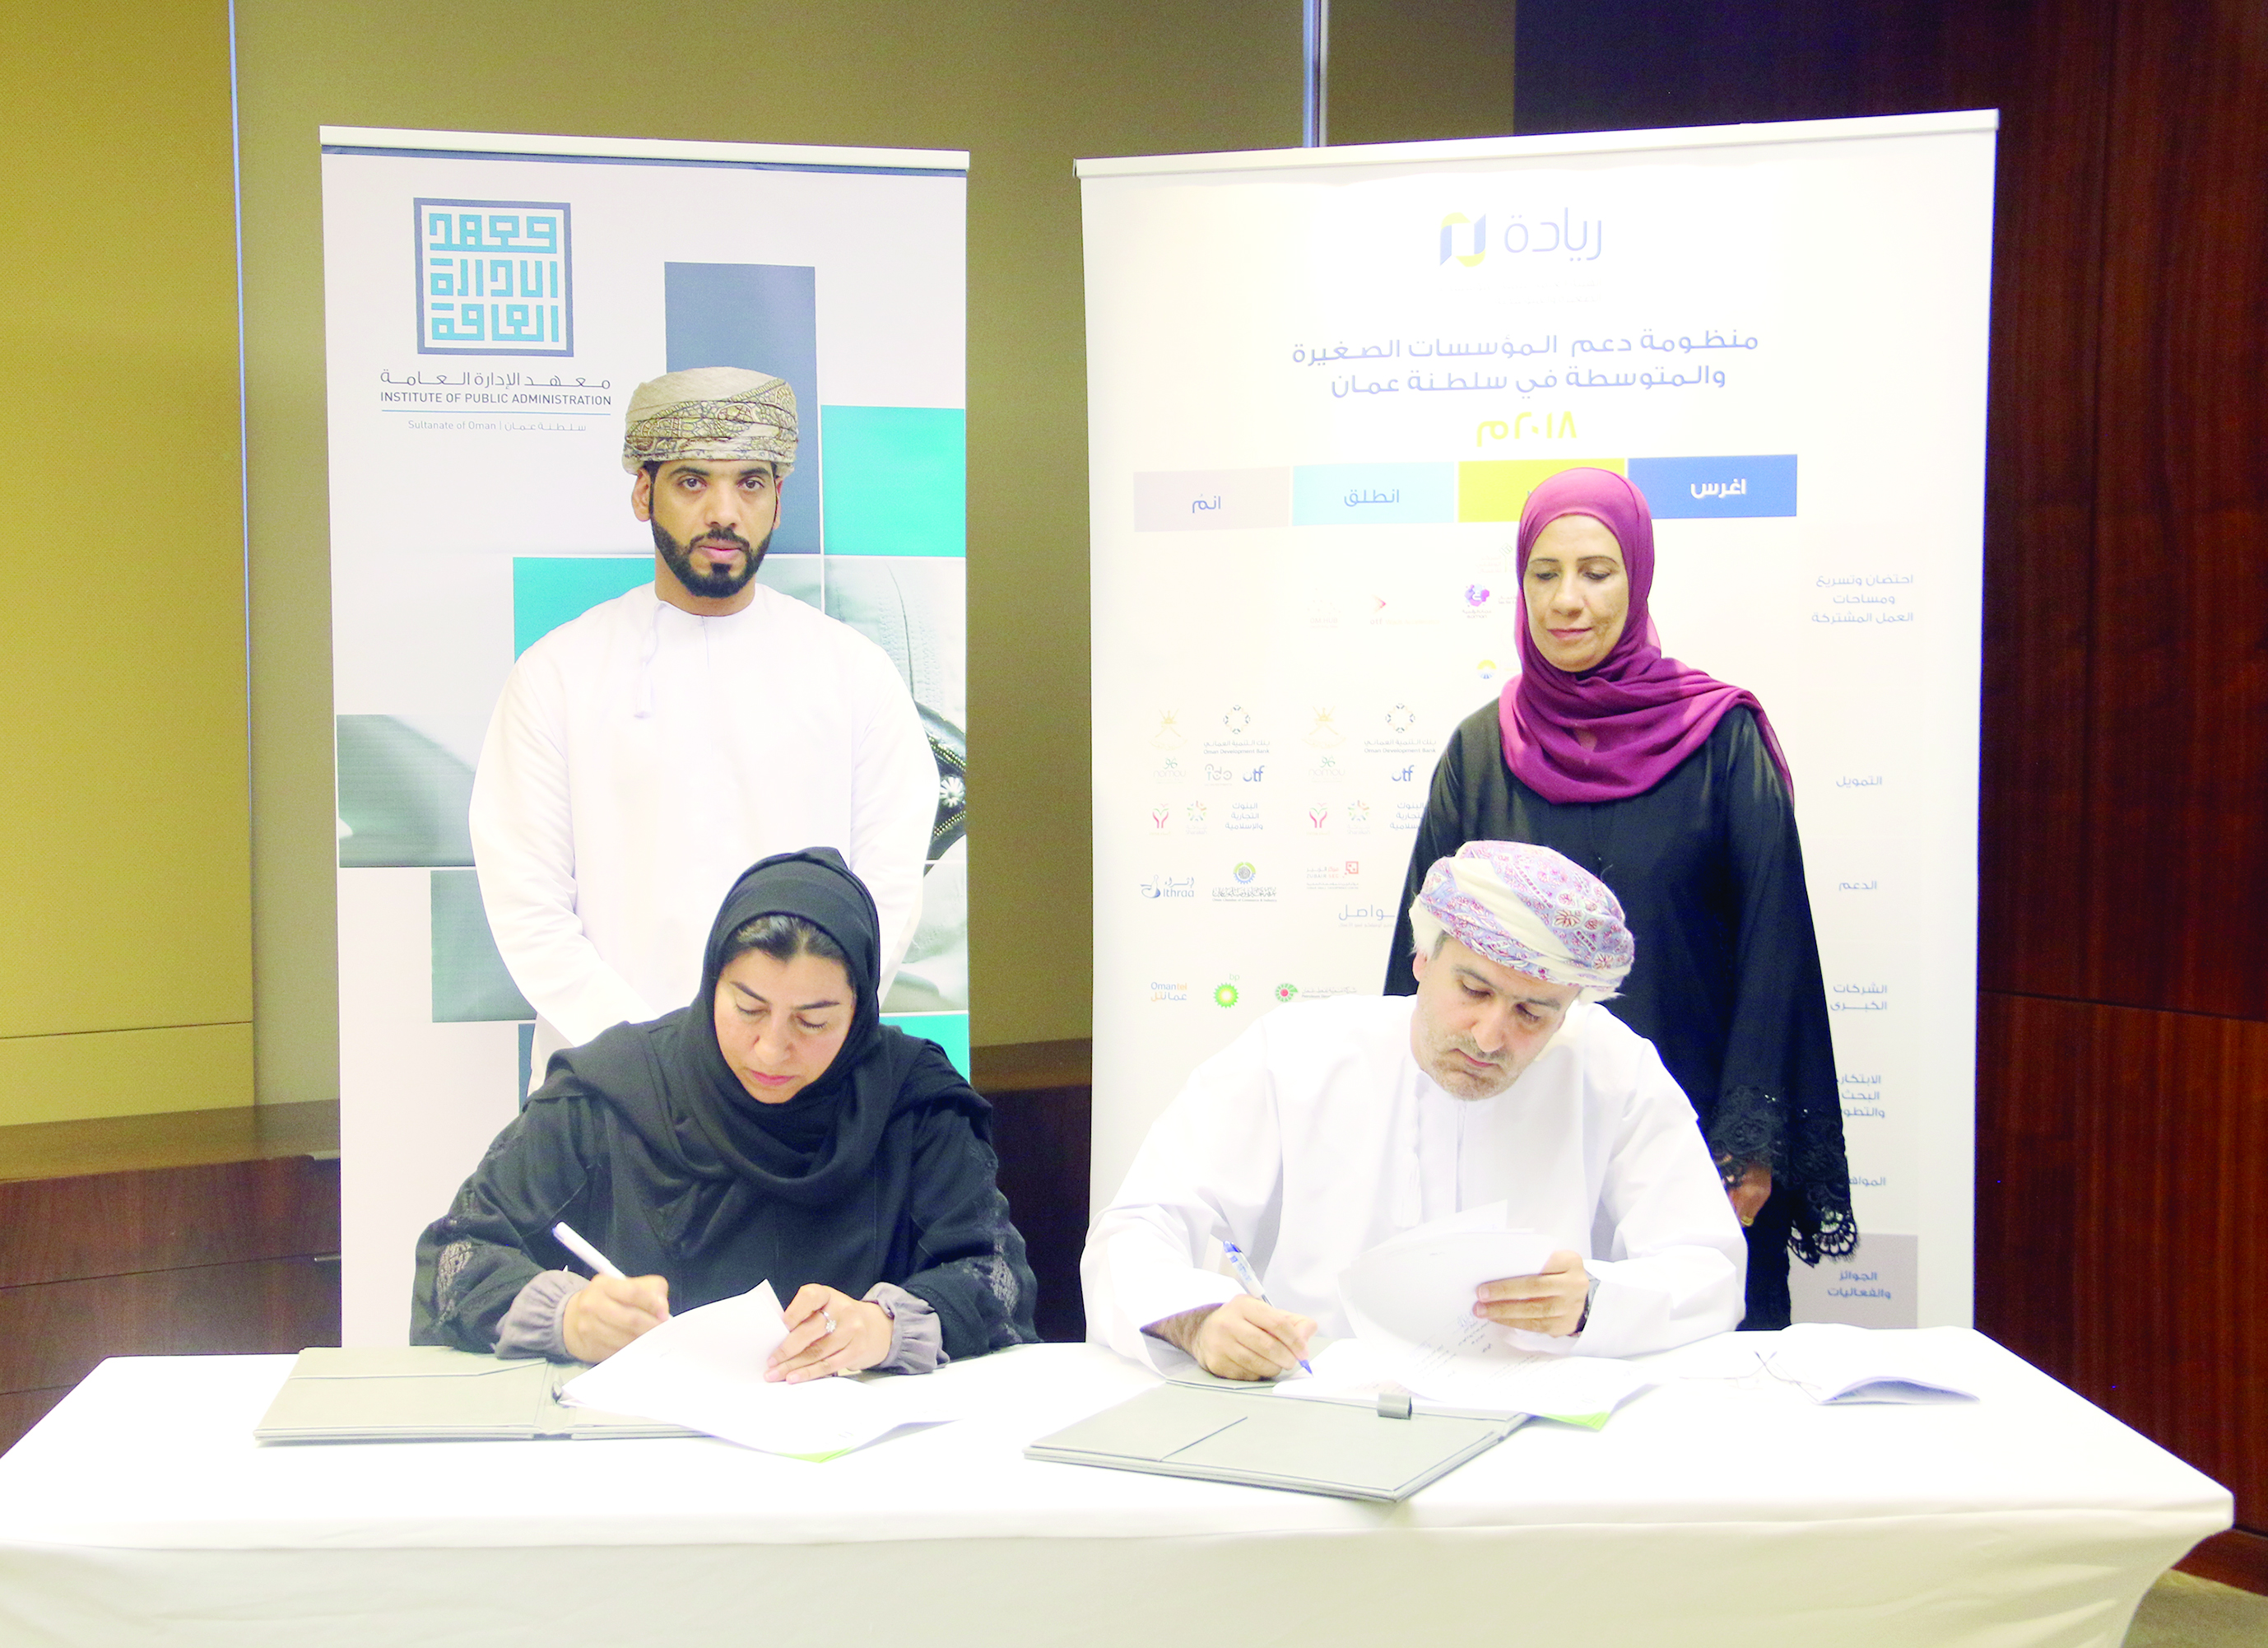 برنامج تدريبي لموظفي القطاع الحكومي لدعم وتعزيز ريادة الأعمال